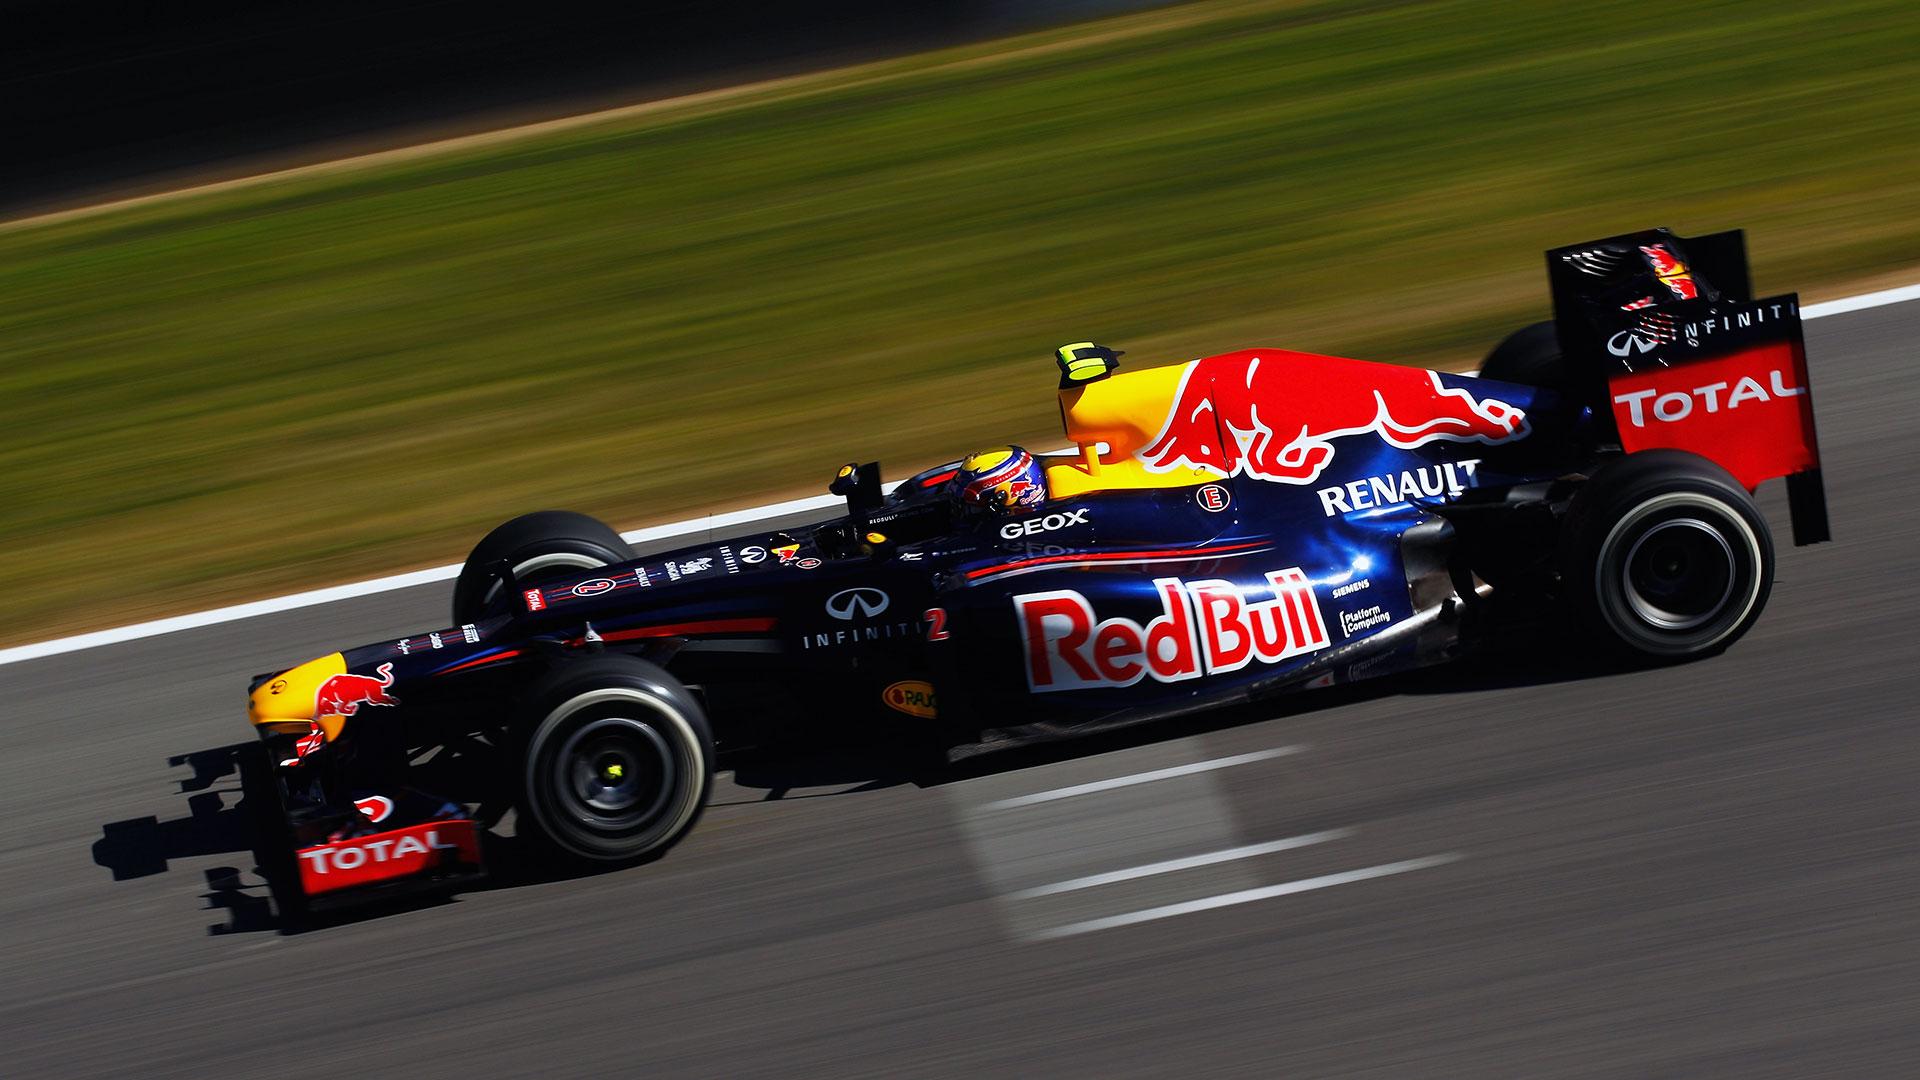 F1 ultra hd wallpaper